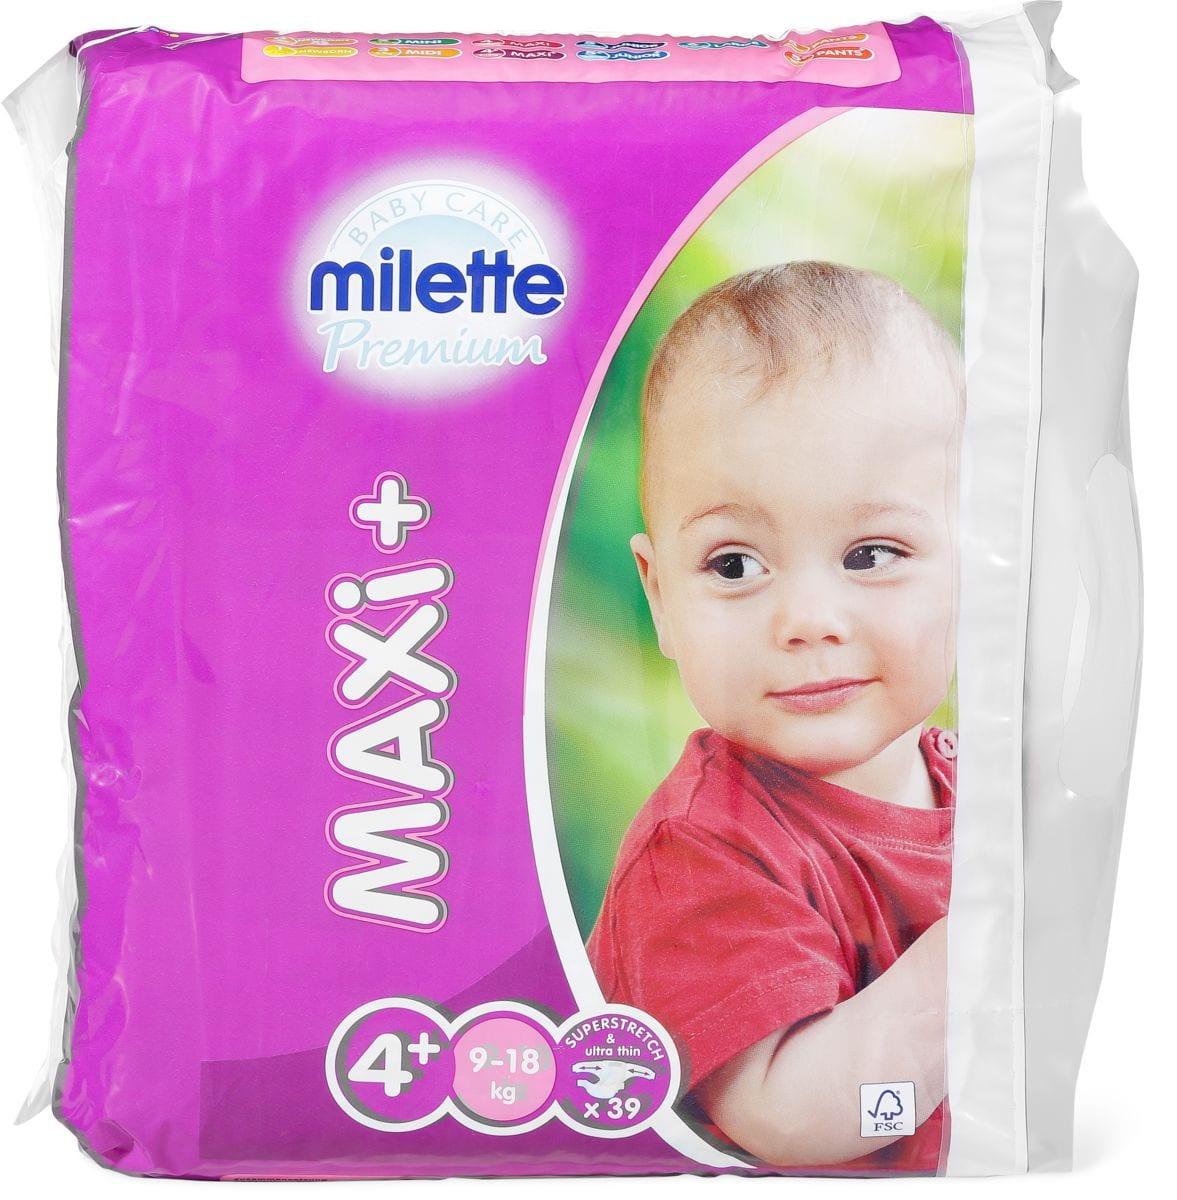 Milette Maxi 4+, 9-18kg